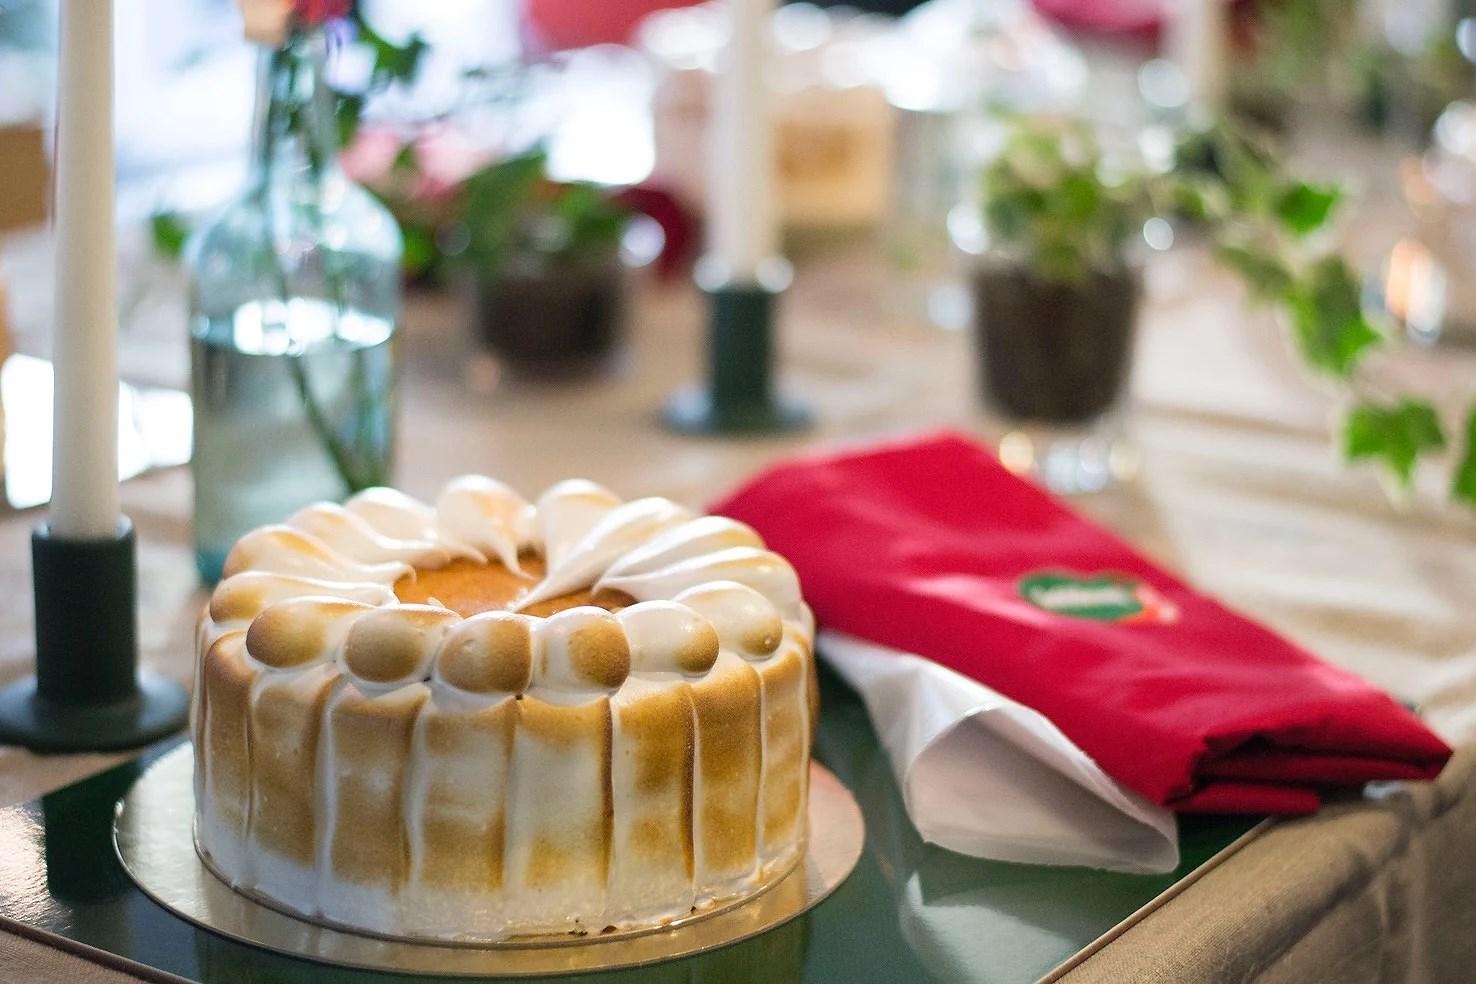 Tårtkurs med Tea och köket.se